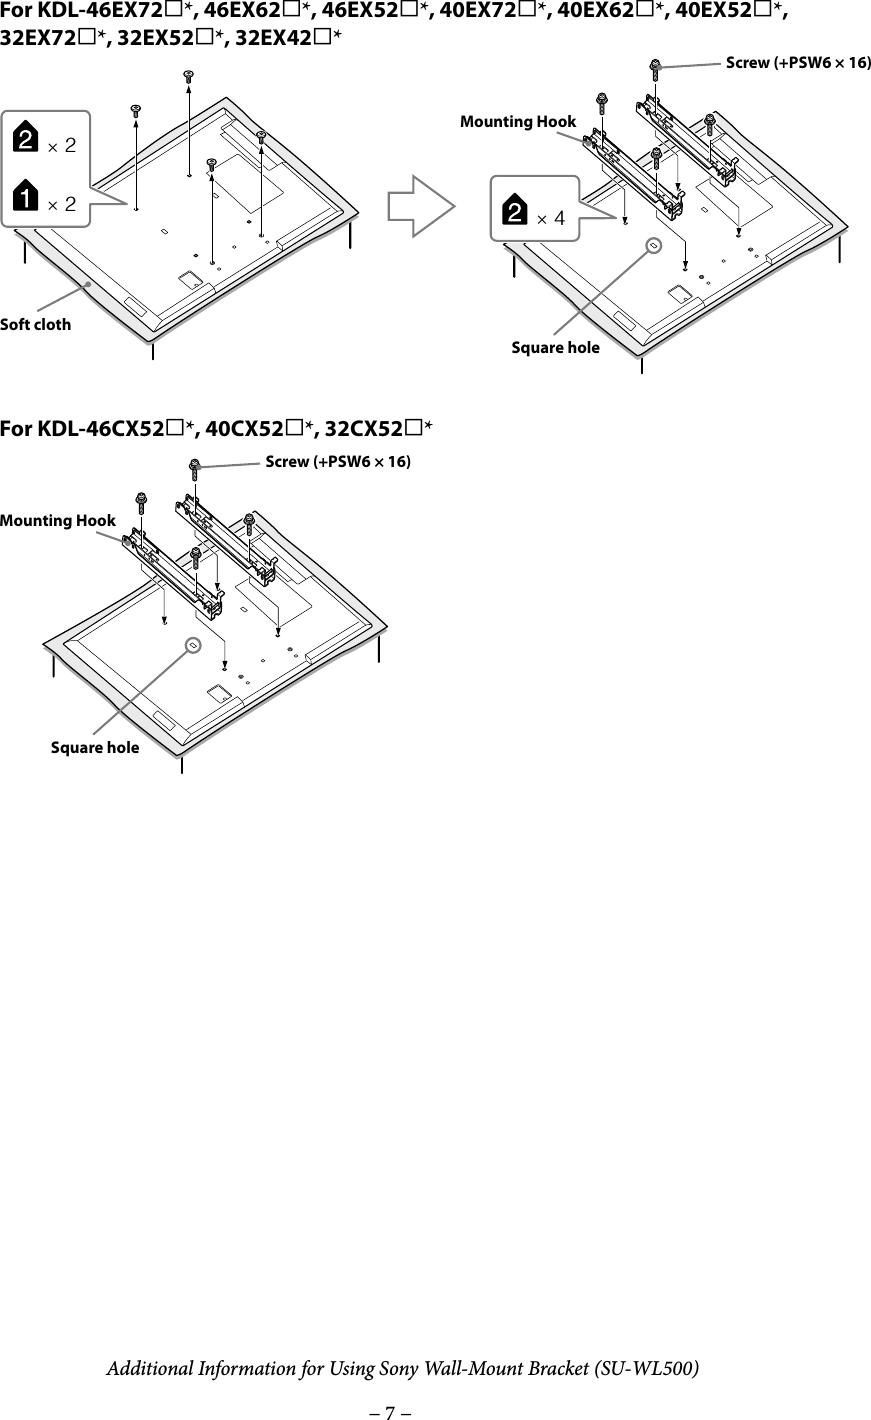 Sony KDL 32EX521 SU WL500 User Manual Additional